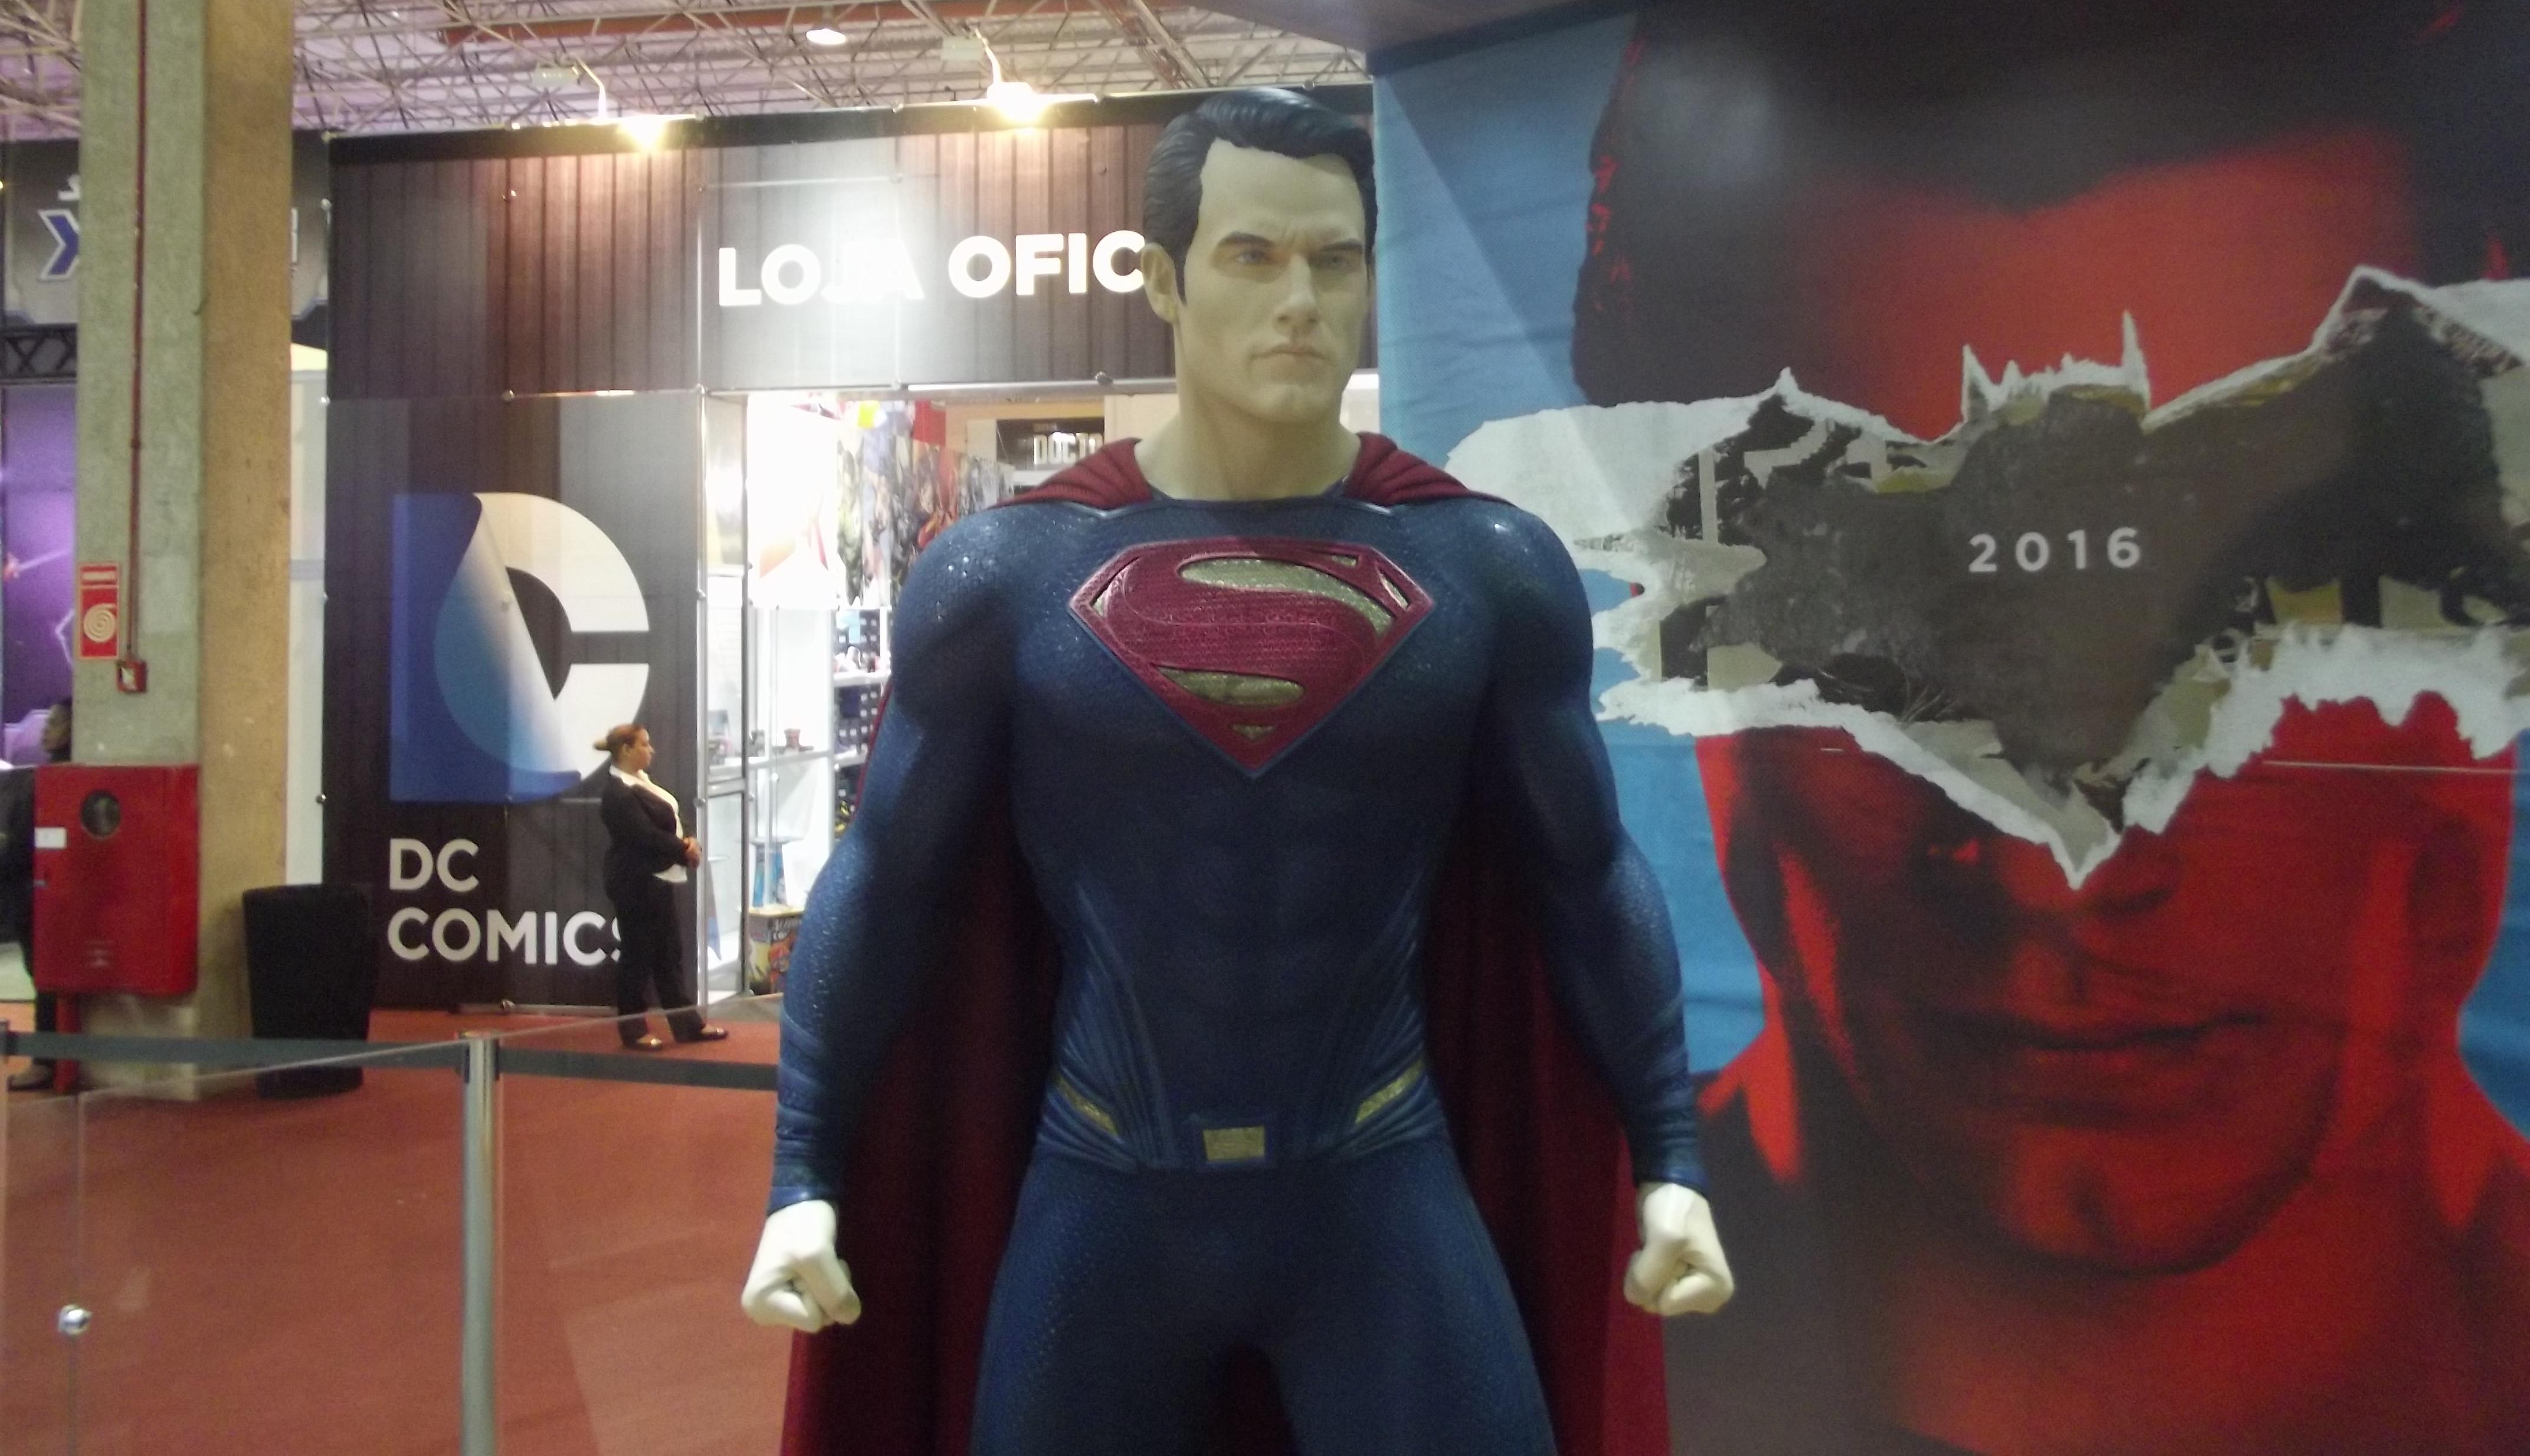 O traje reluzente do Superman irá contrastar com a fantasia surrada do Batman. (Foto: Henrique Almeida)